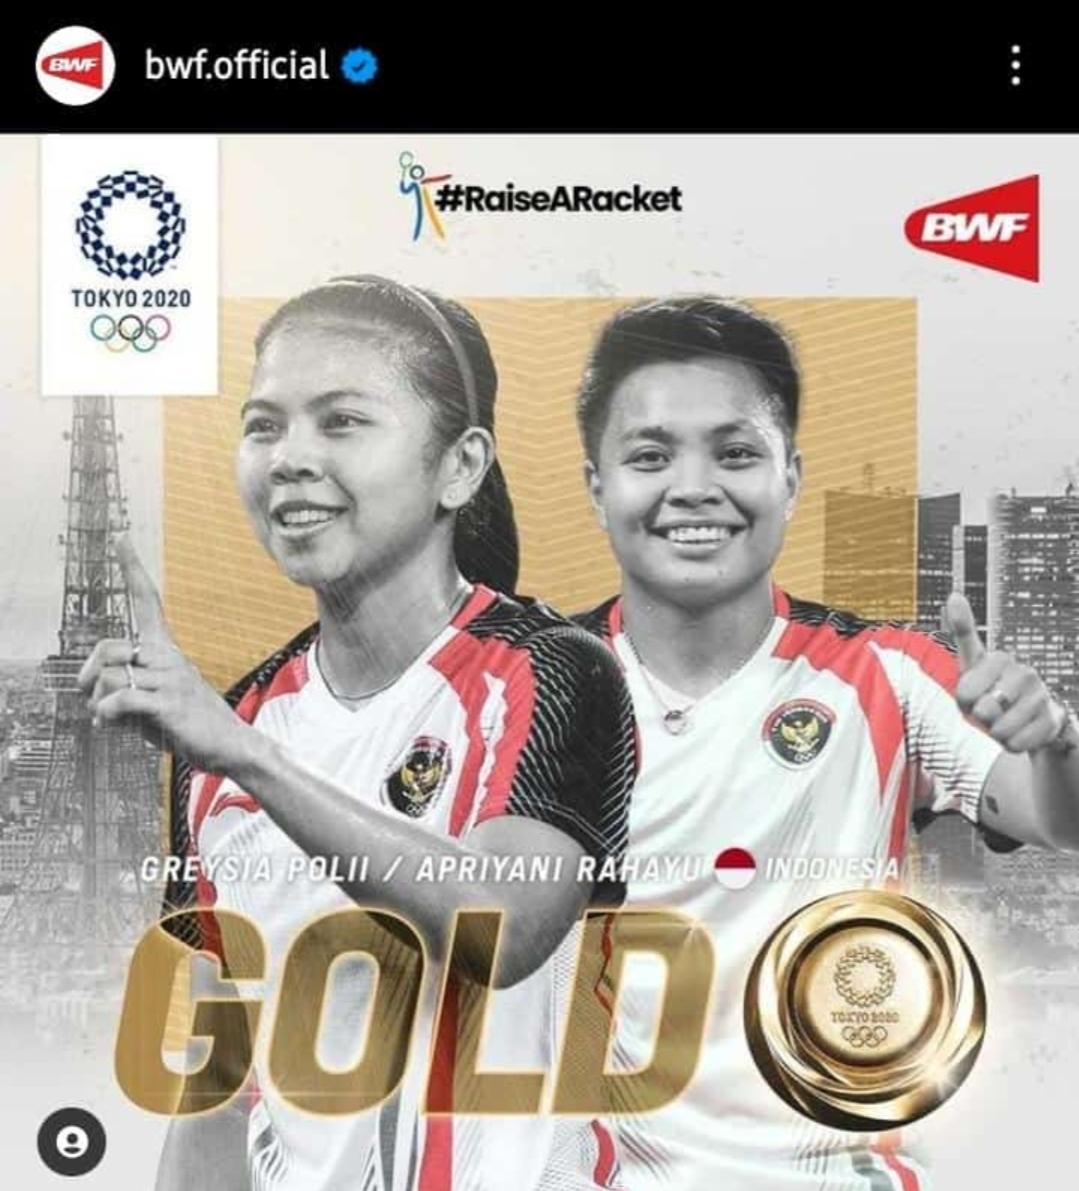 Pasangan ganda putri Indonesia Greysia Polii/Apriyani Rahayu berhasil mendapatkan Medali Emas Olimpiade Tokyo2020